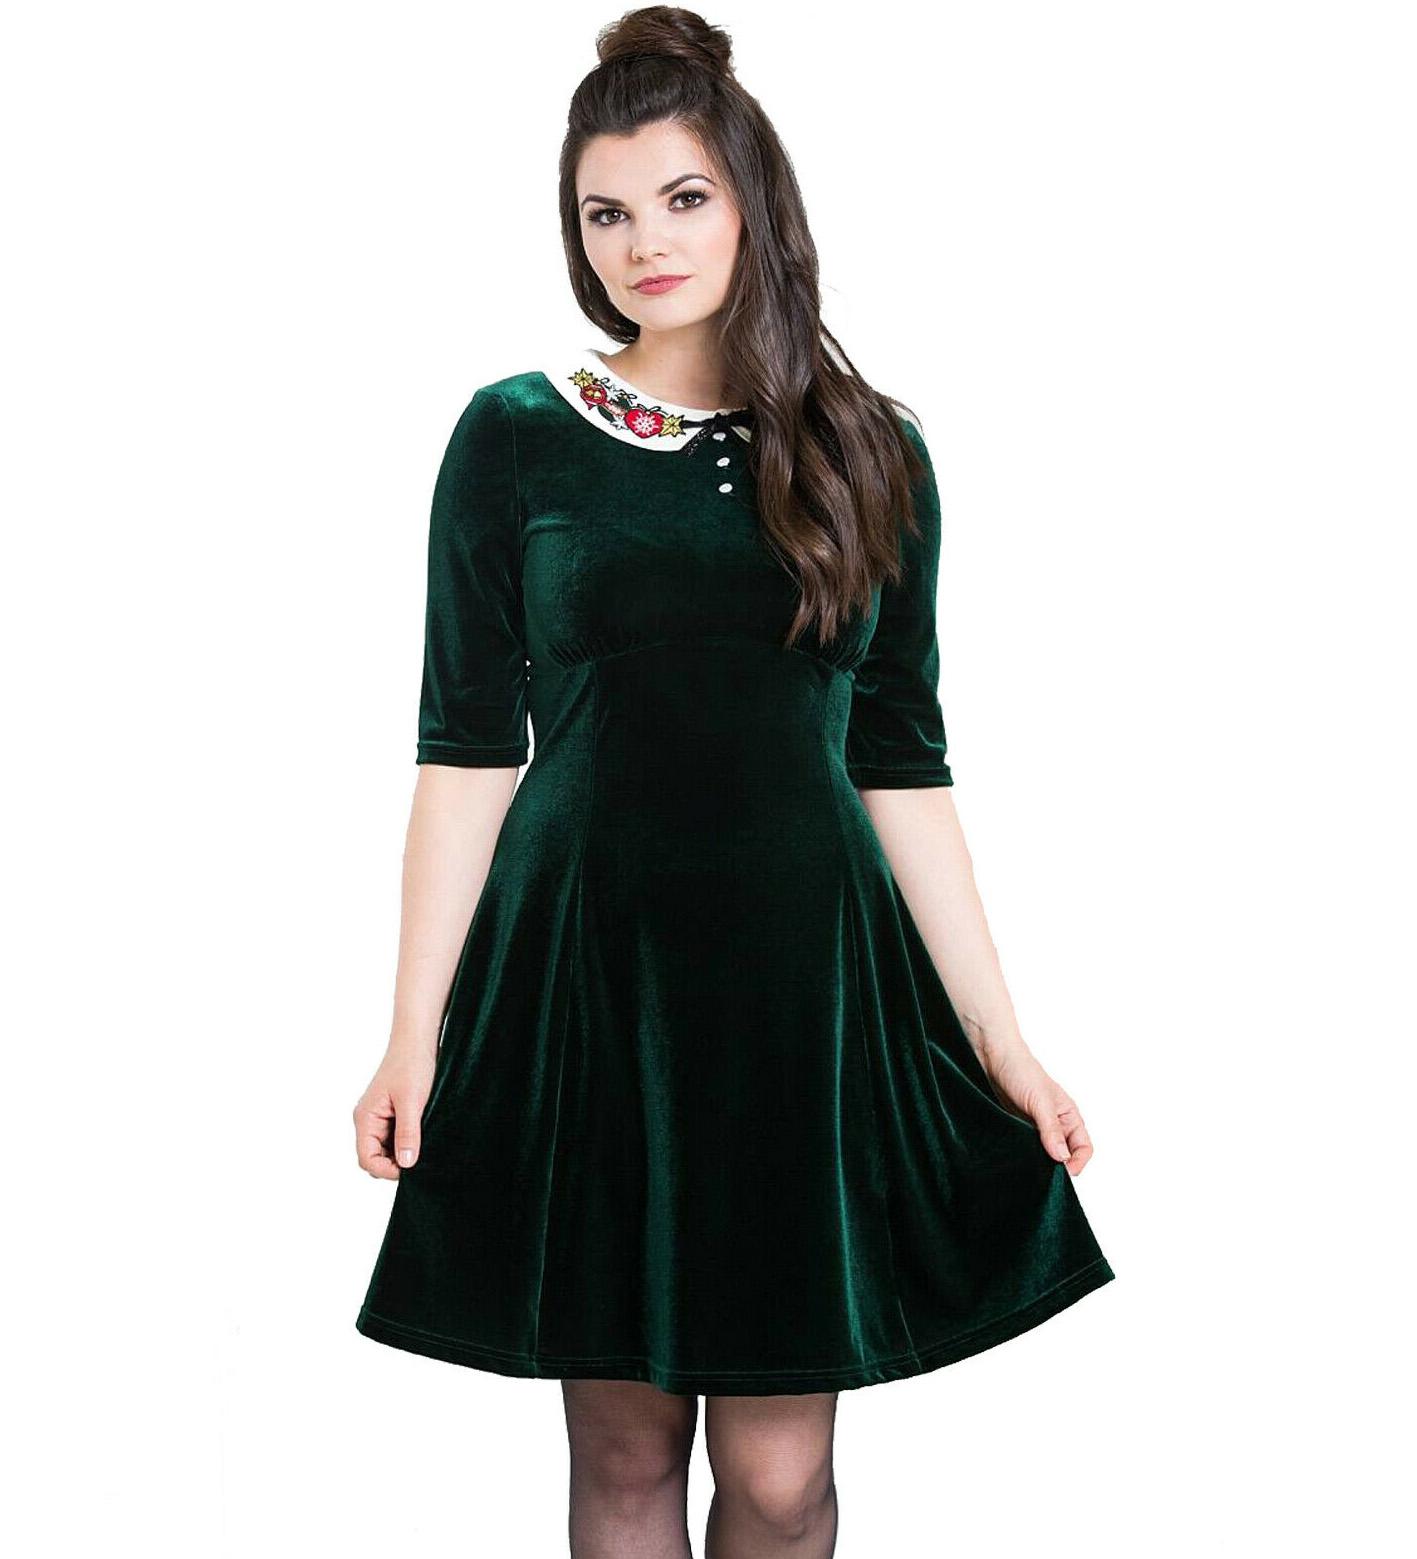 Hell-Bunny-Mini-Skater-Dress-Festive-Christmas-NICOLA-Green-Velvet-All-Sizes thumbnail 3